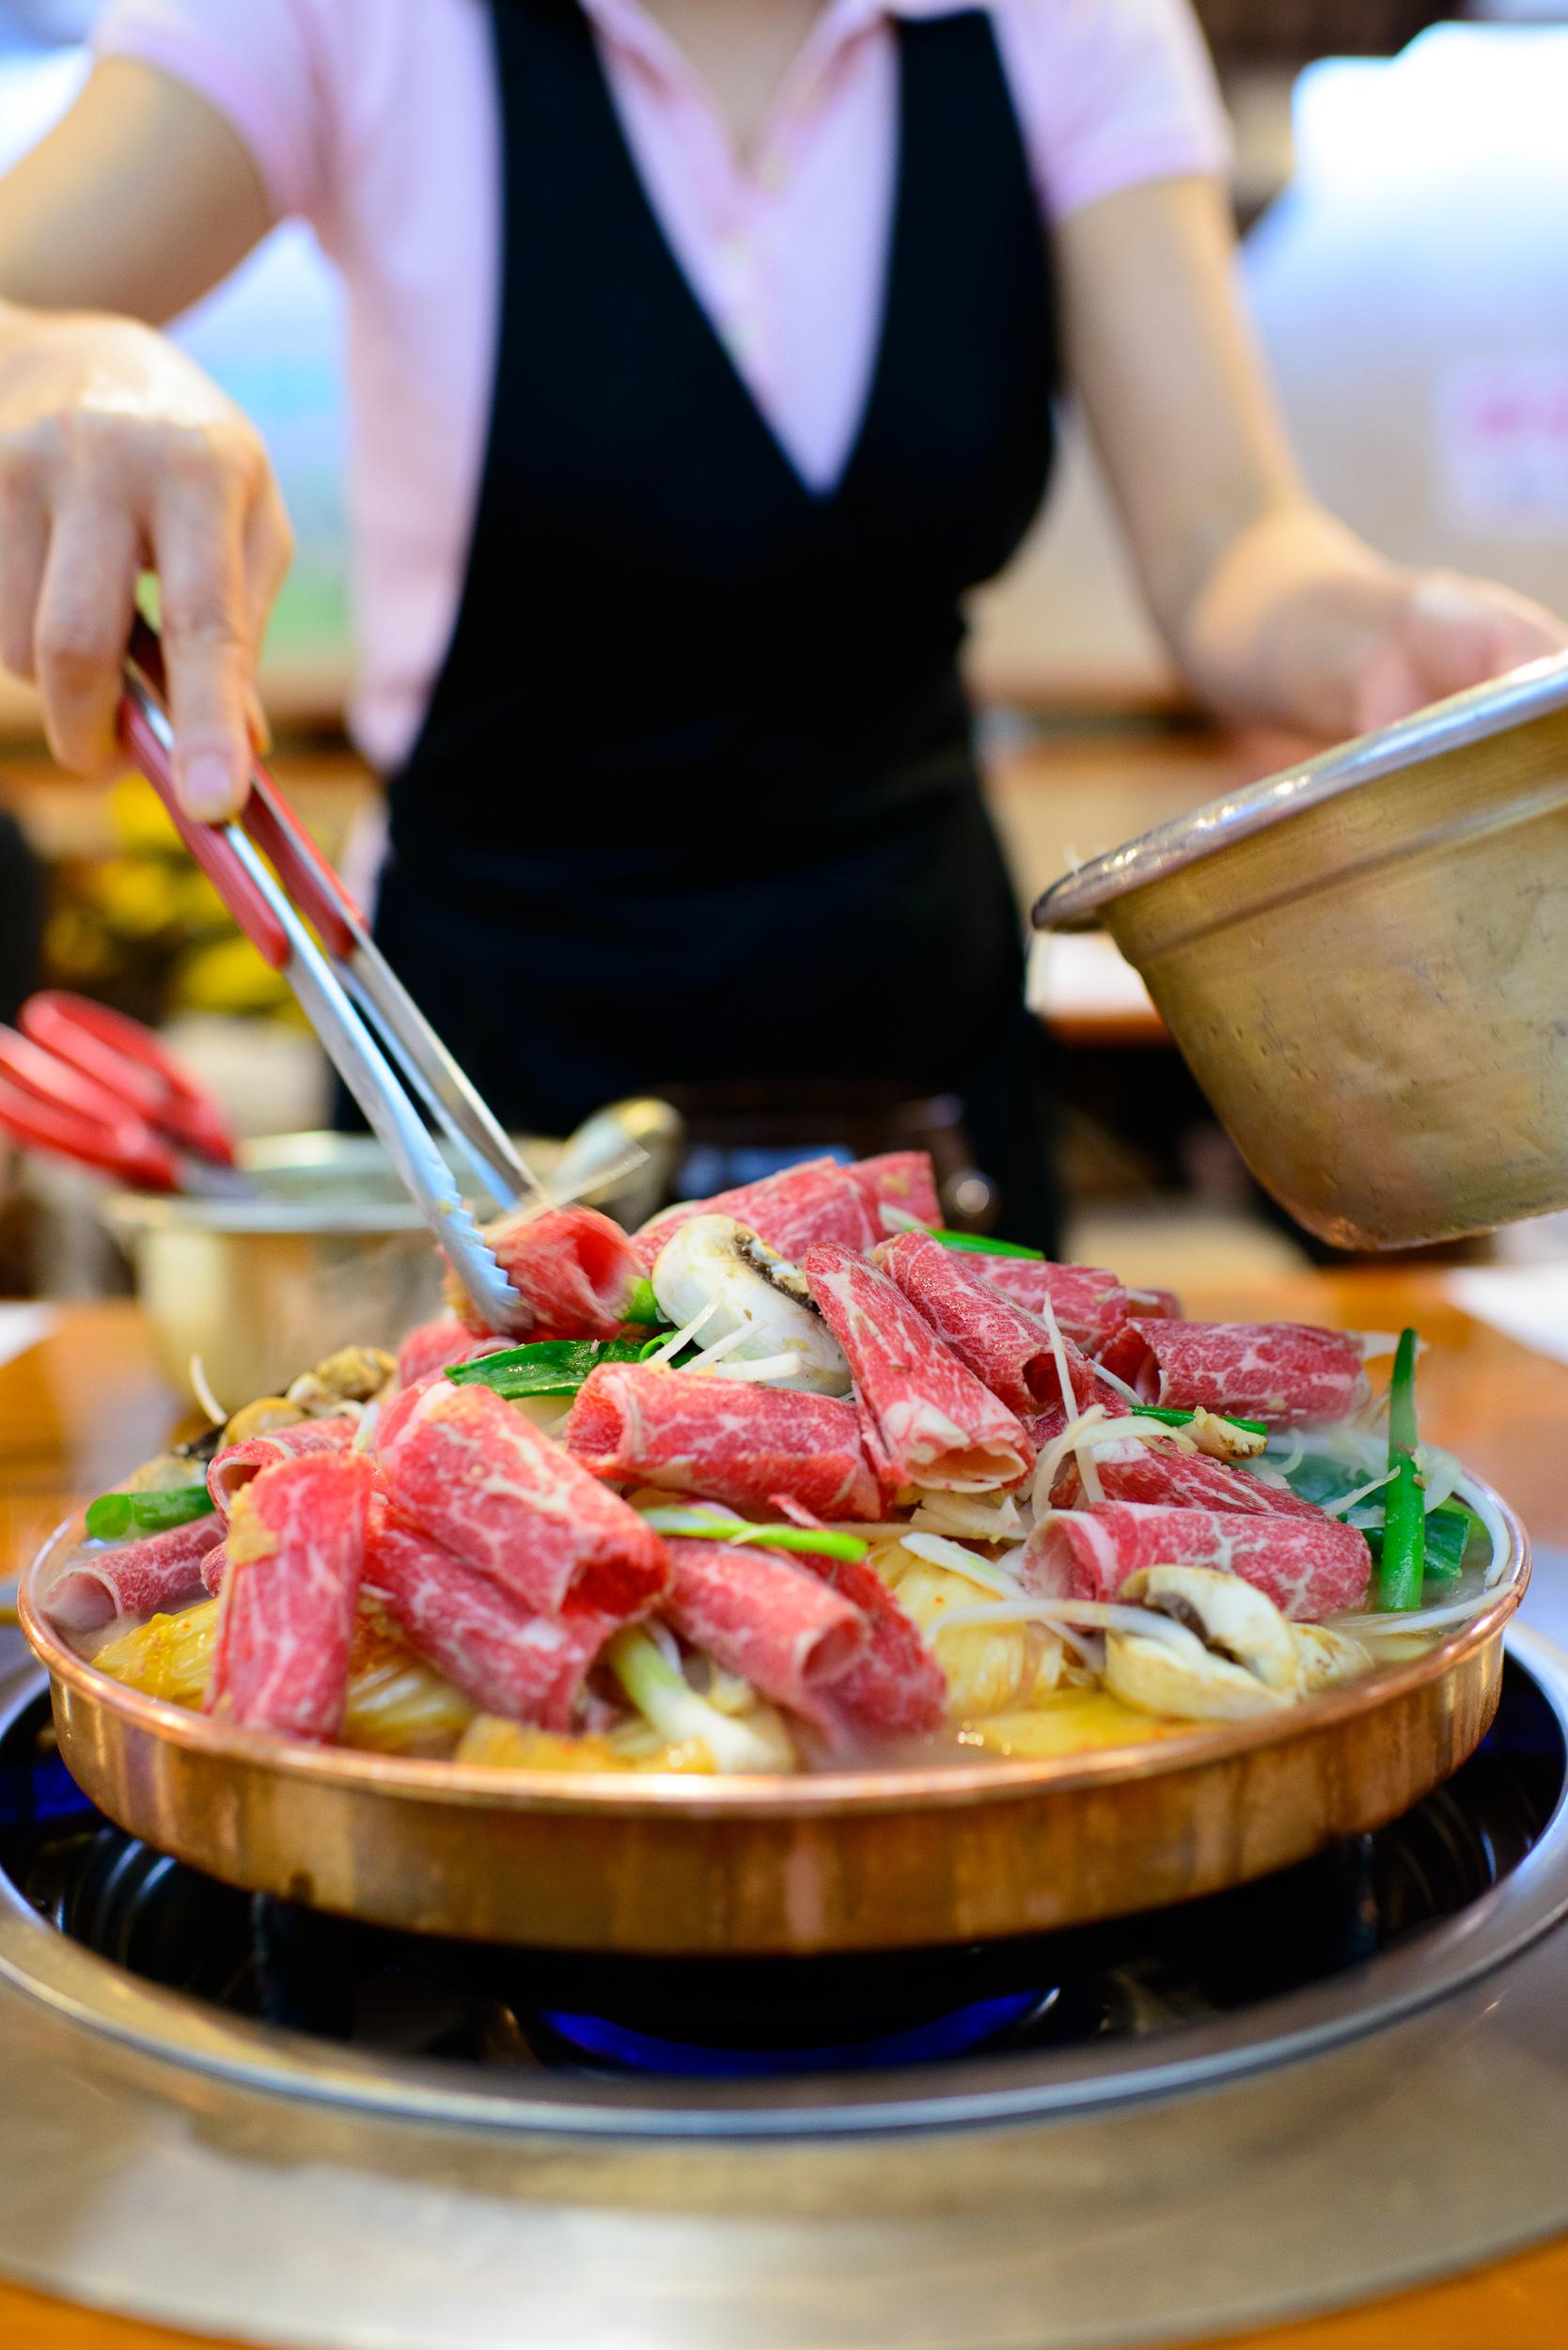 Preparing Halabuhji kimchi bulgogi - thinly sliced boneless rib